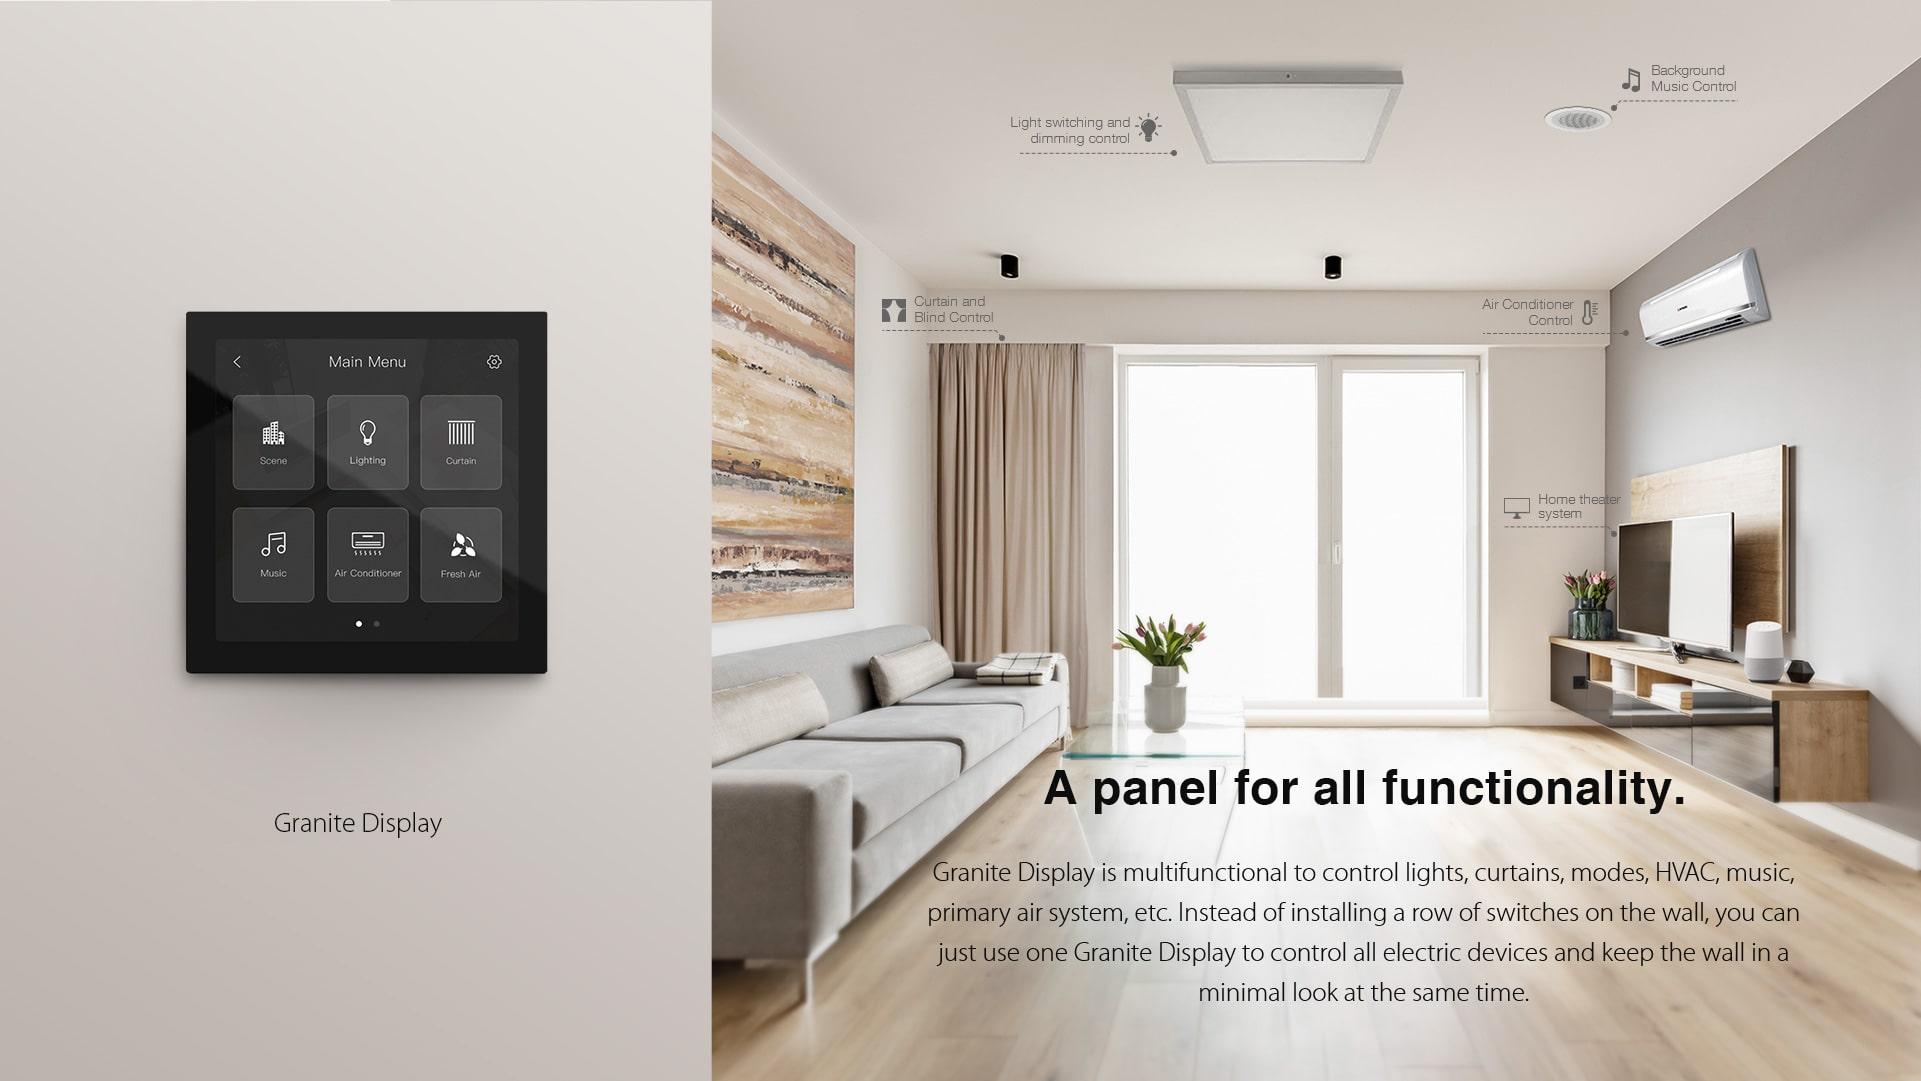 پنل لمسی ترموستاتیک گرانیتی HDL یک پنل کامل و جامع در خانه هوشمند